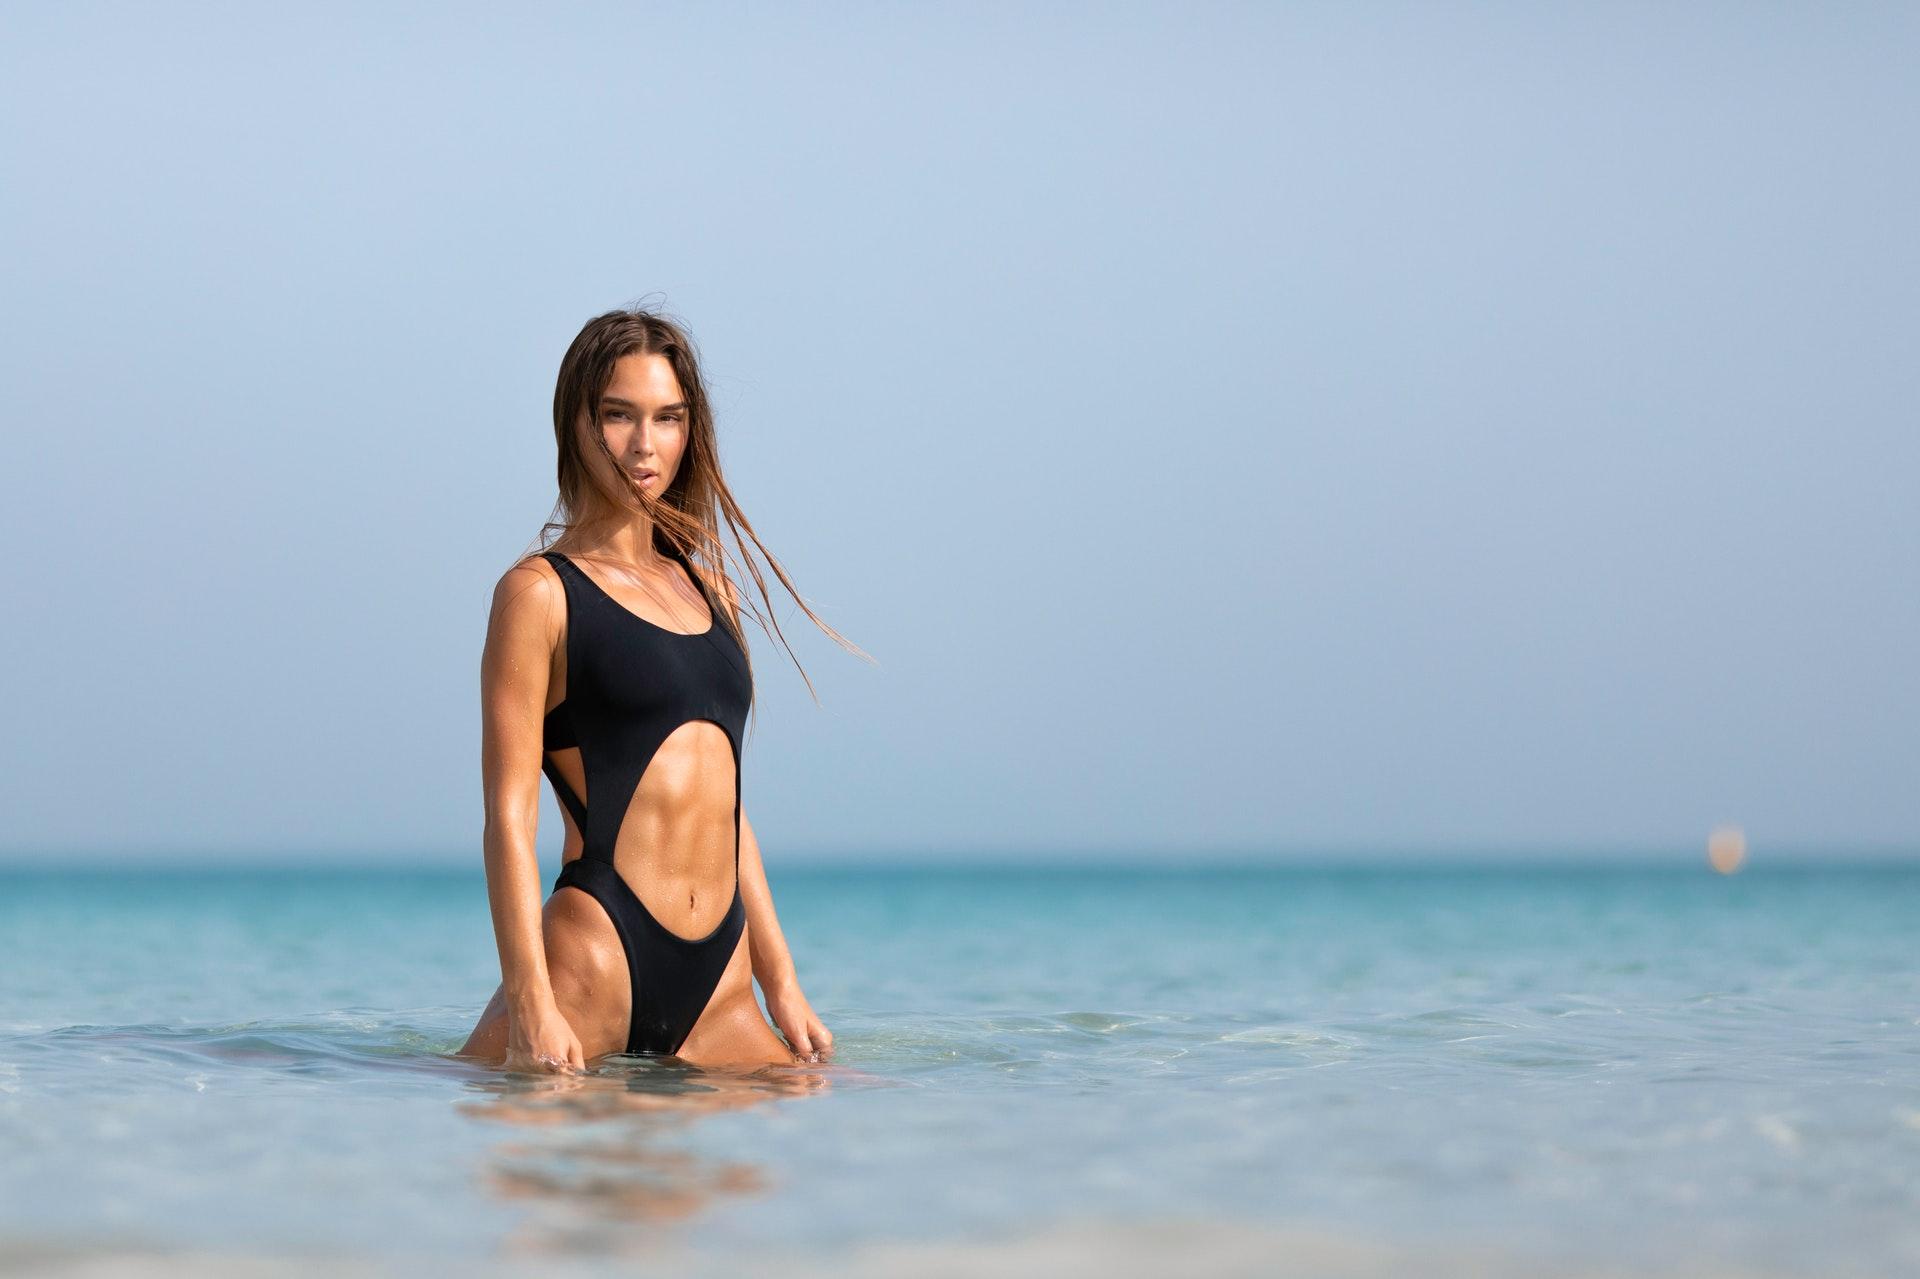 woman-wearing-black-monokini-2038014